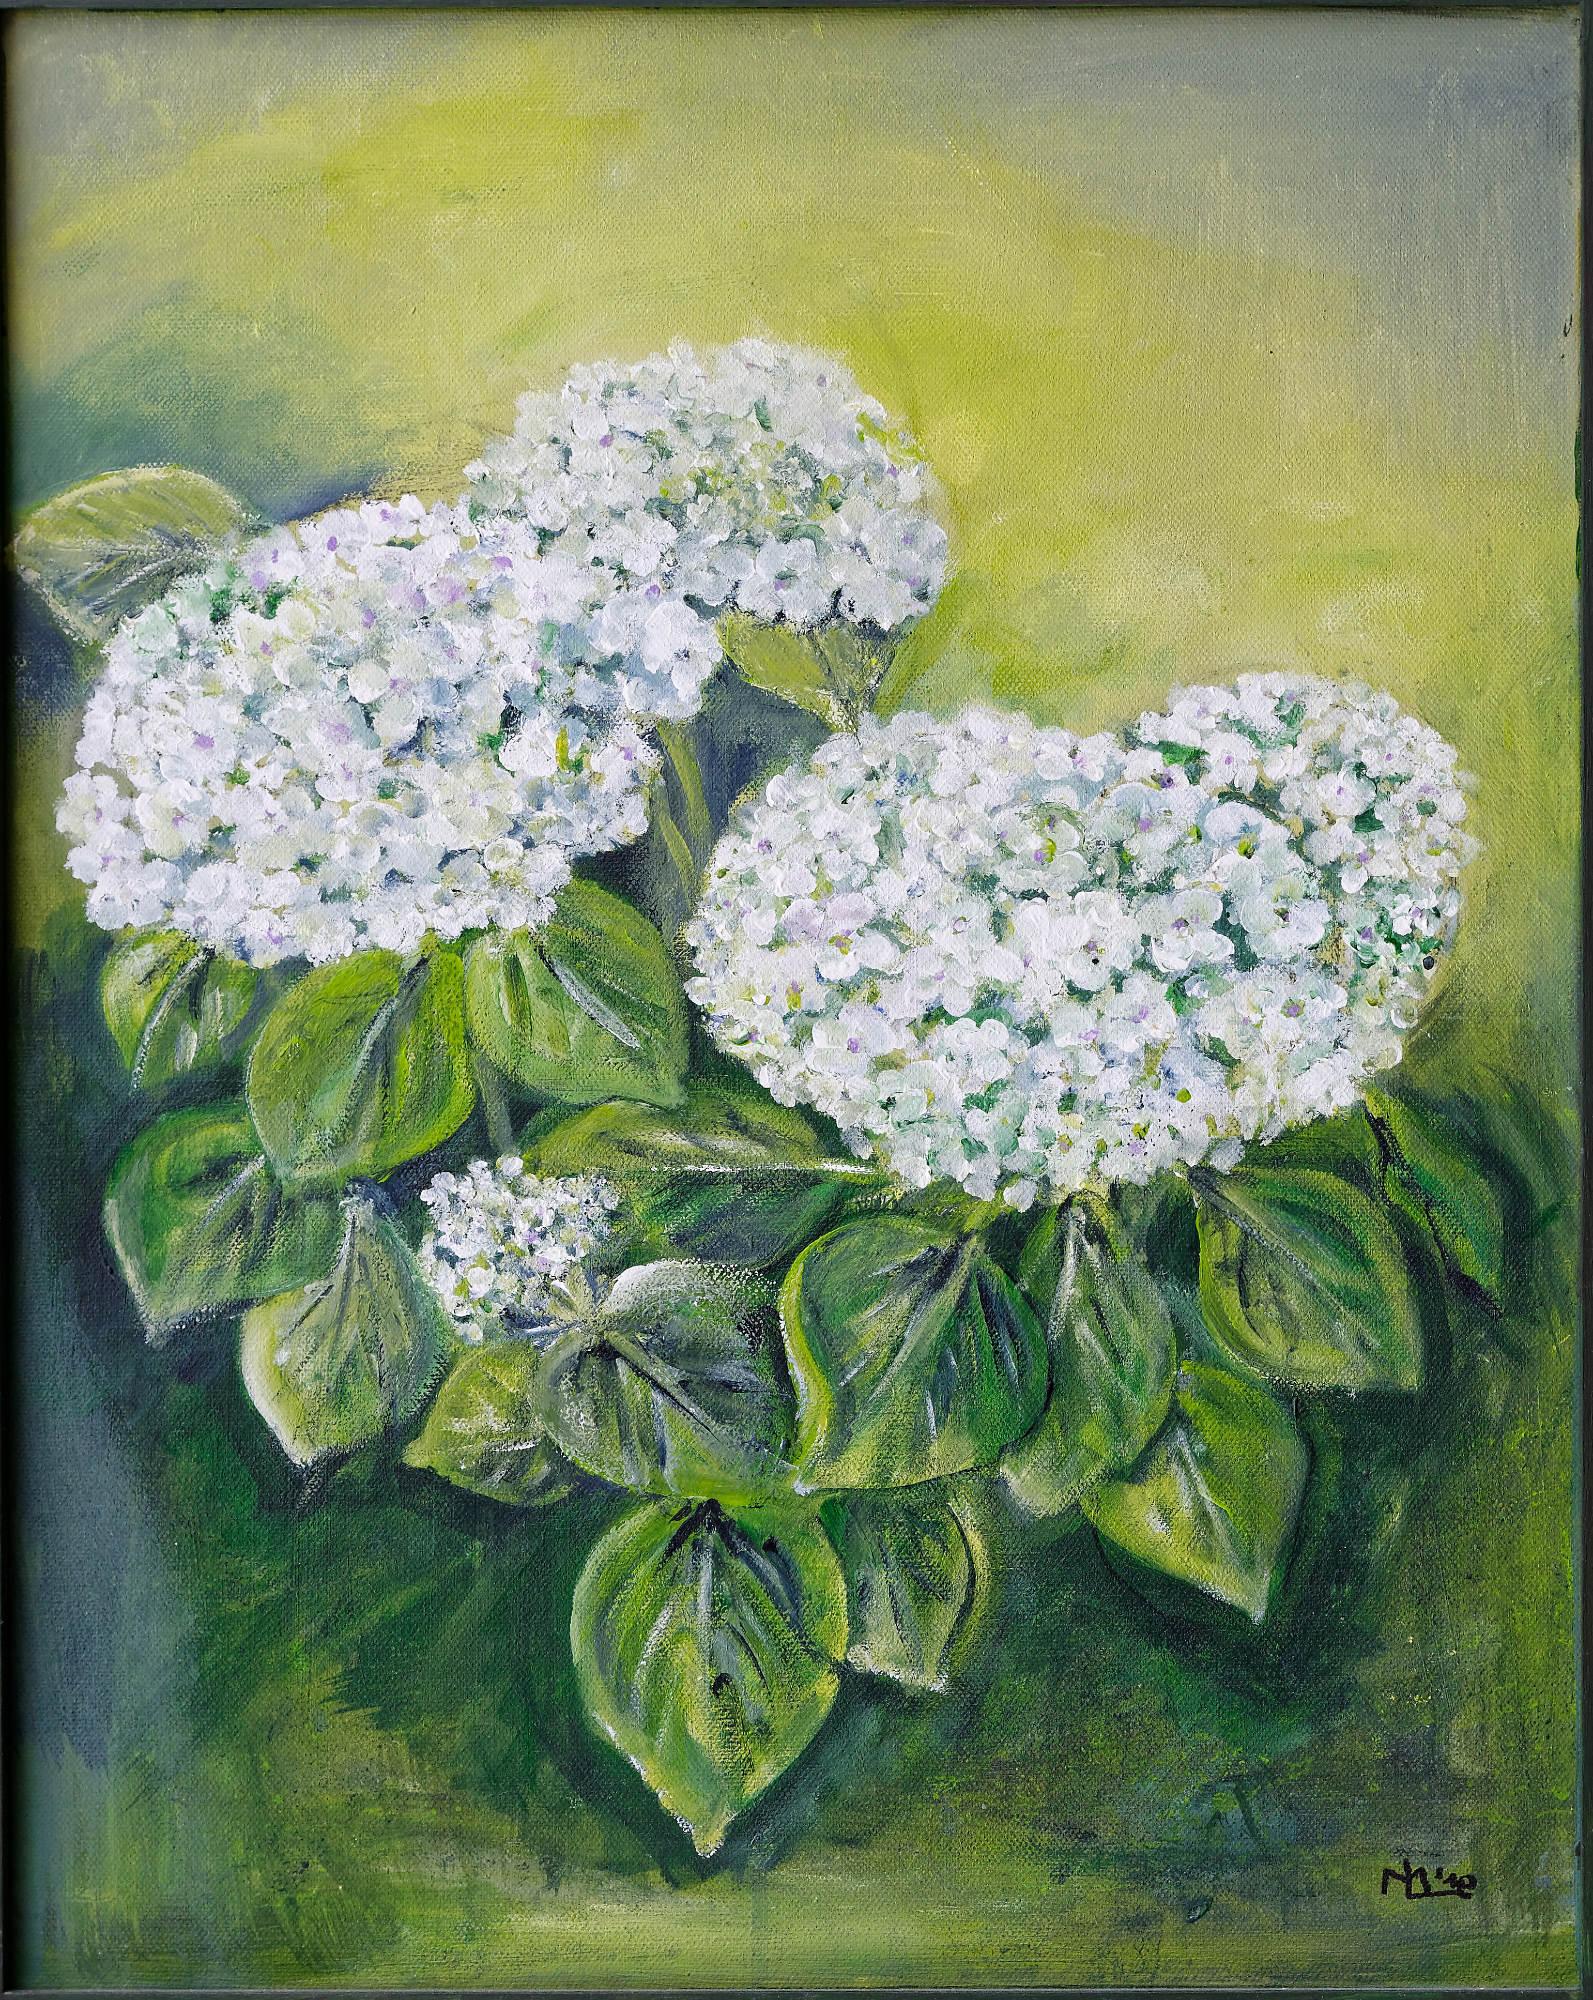 2010 - Weiße Hortensien, 40x50cm, Acryl-Spachteln